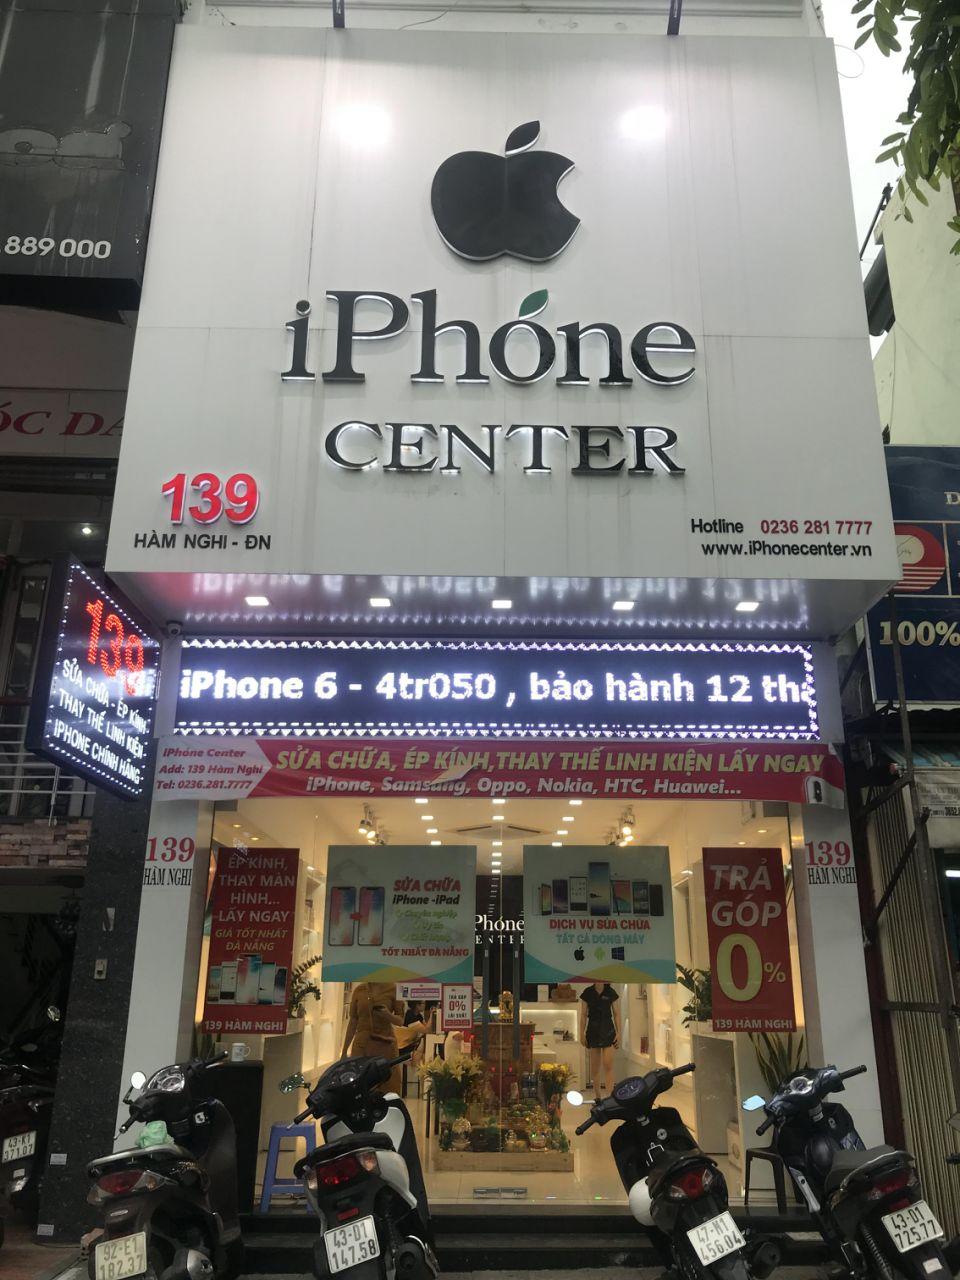 iphonecenter